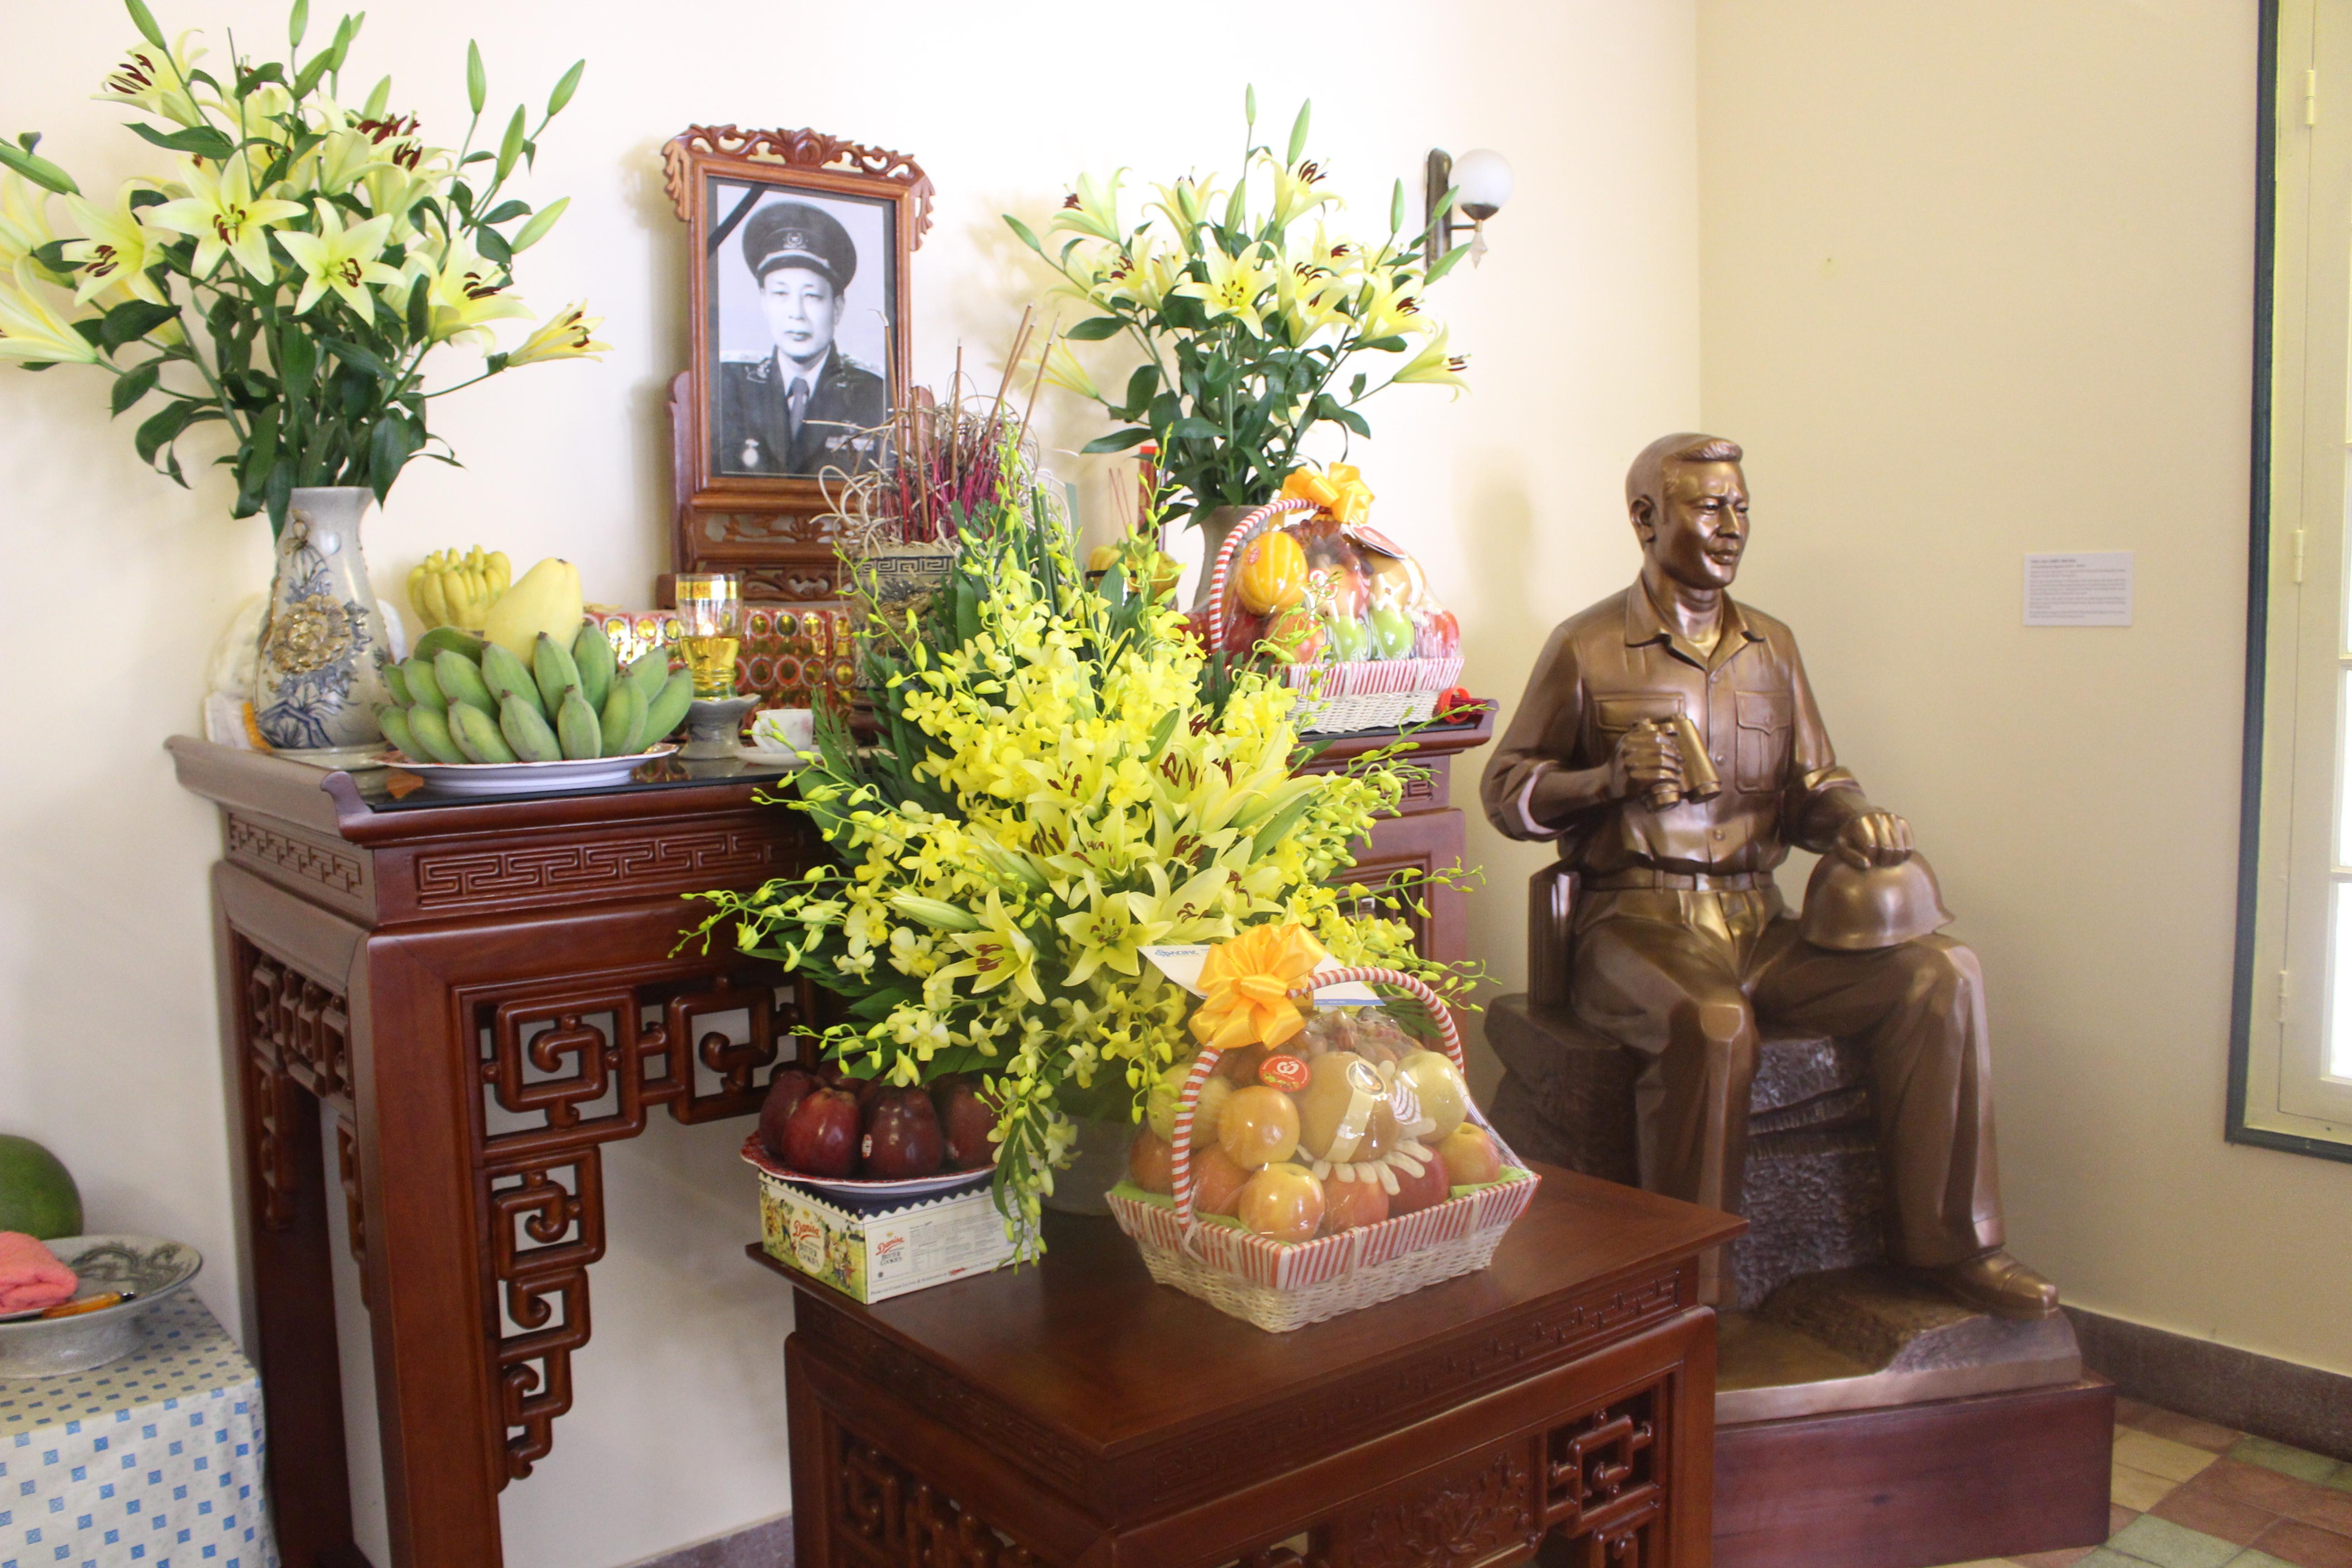 Tập đoàn Thái Bình Dương trao tặng Pho tượng đồng Trung tướng Đồng Sỹ Nguyên cho gia đình Trung tướng.